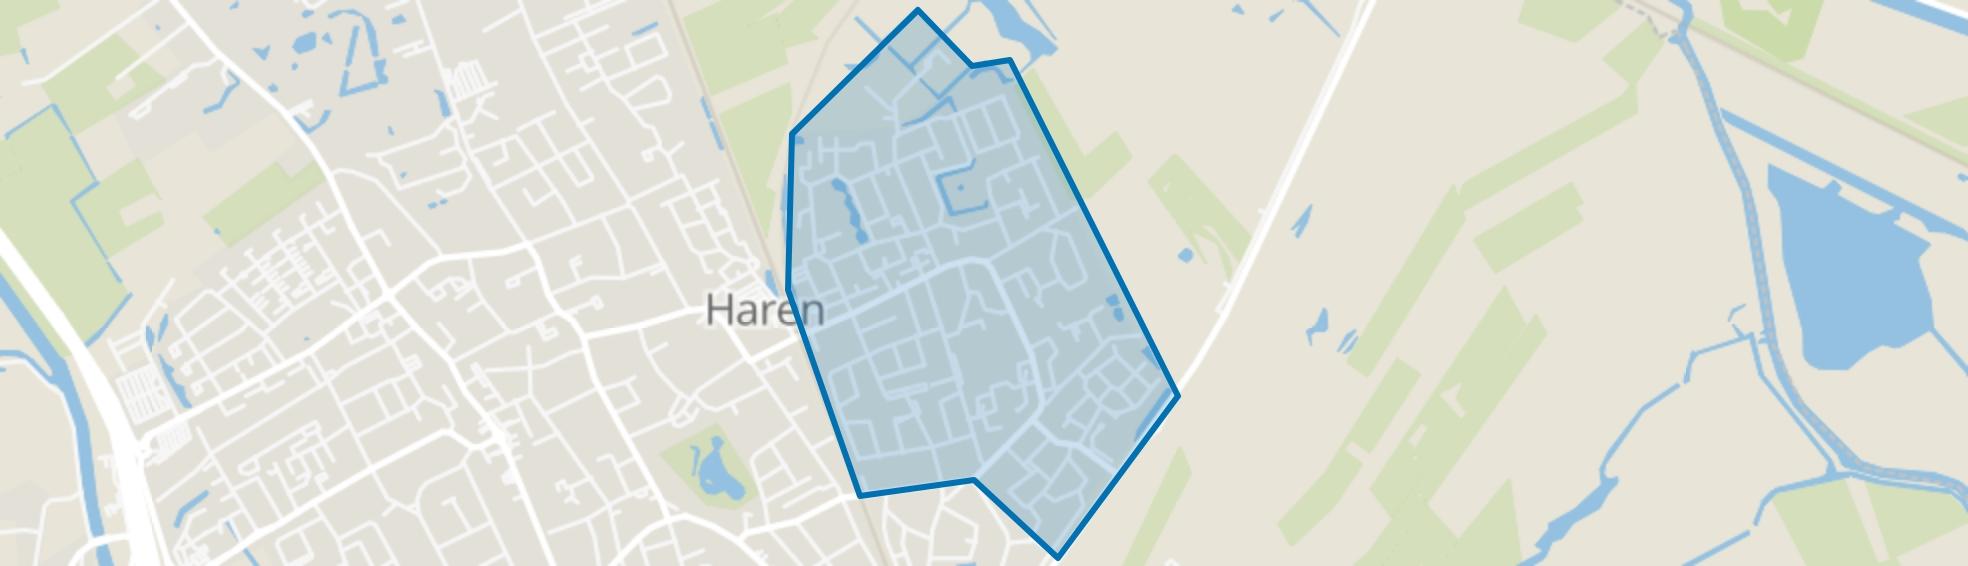 Oosterhaar, Haren (GR) map